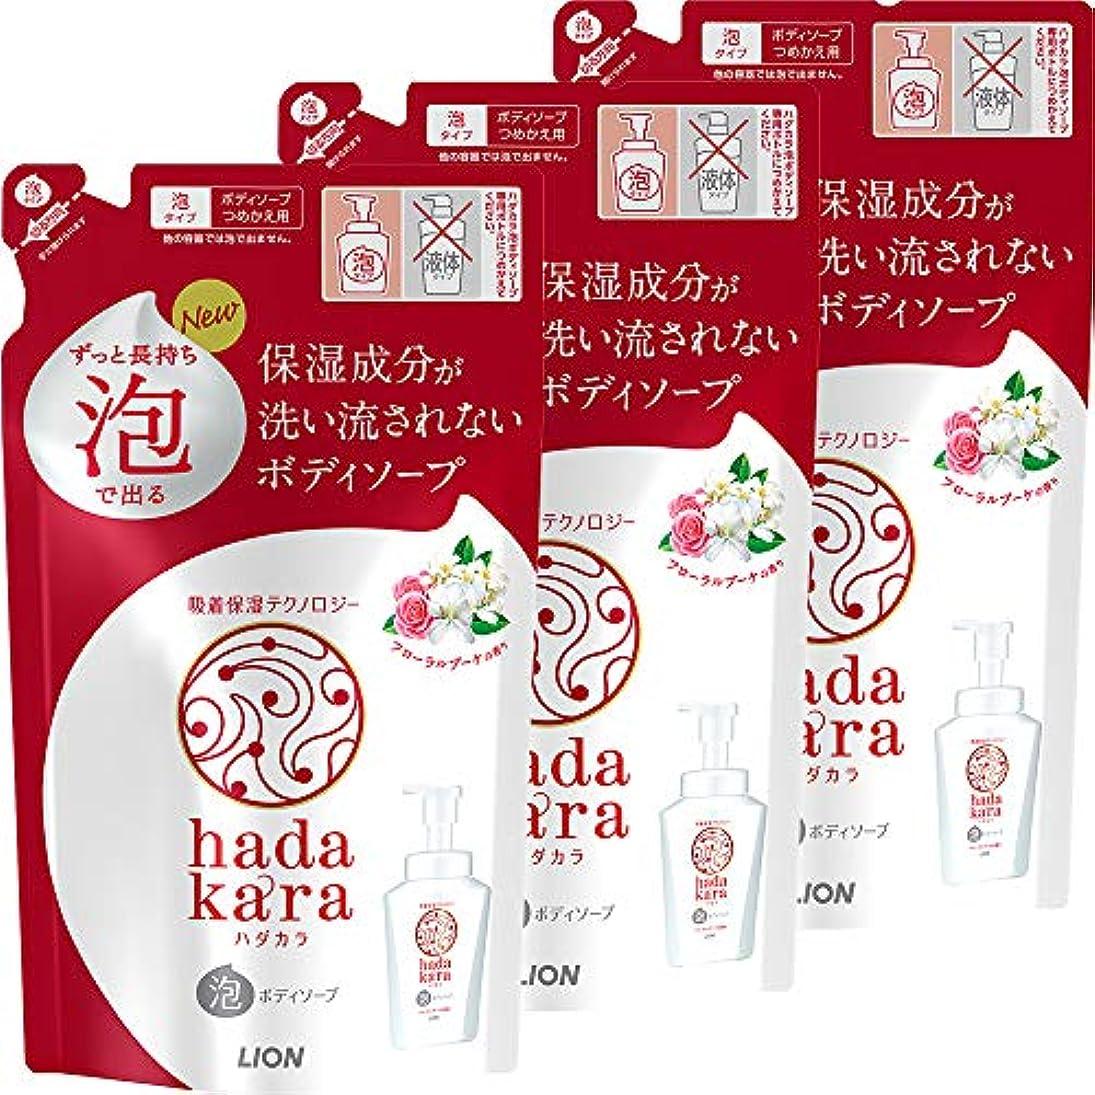 トランザクションまつげ階下hadakara(ハダカラ) ボディソープ 泡タイプ フローラルブーケの香り 詰替440ml×3個